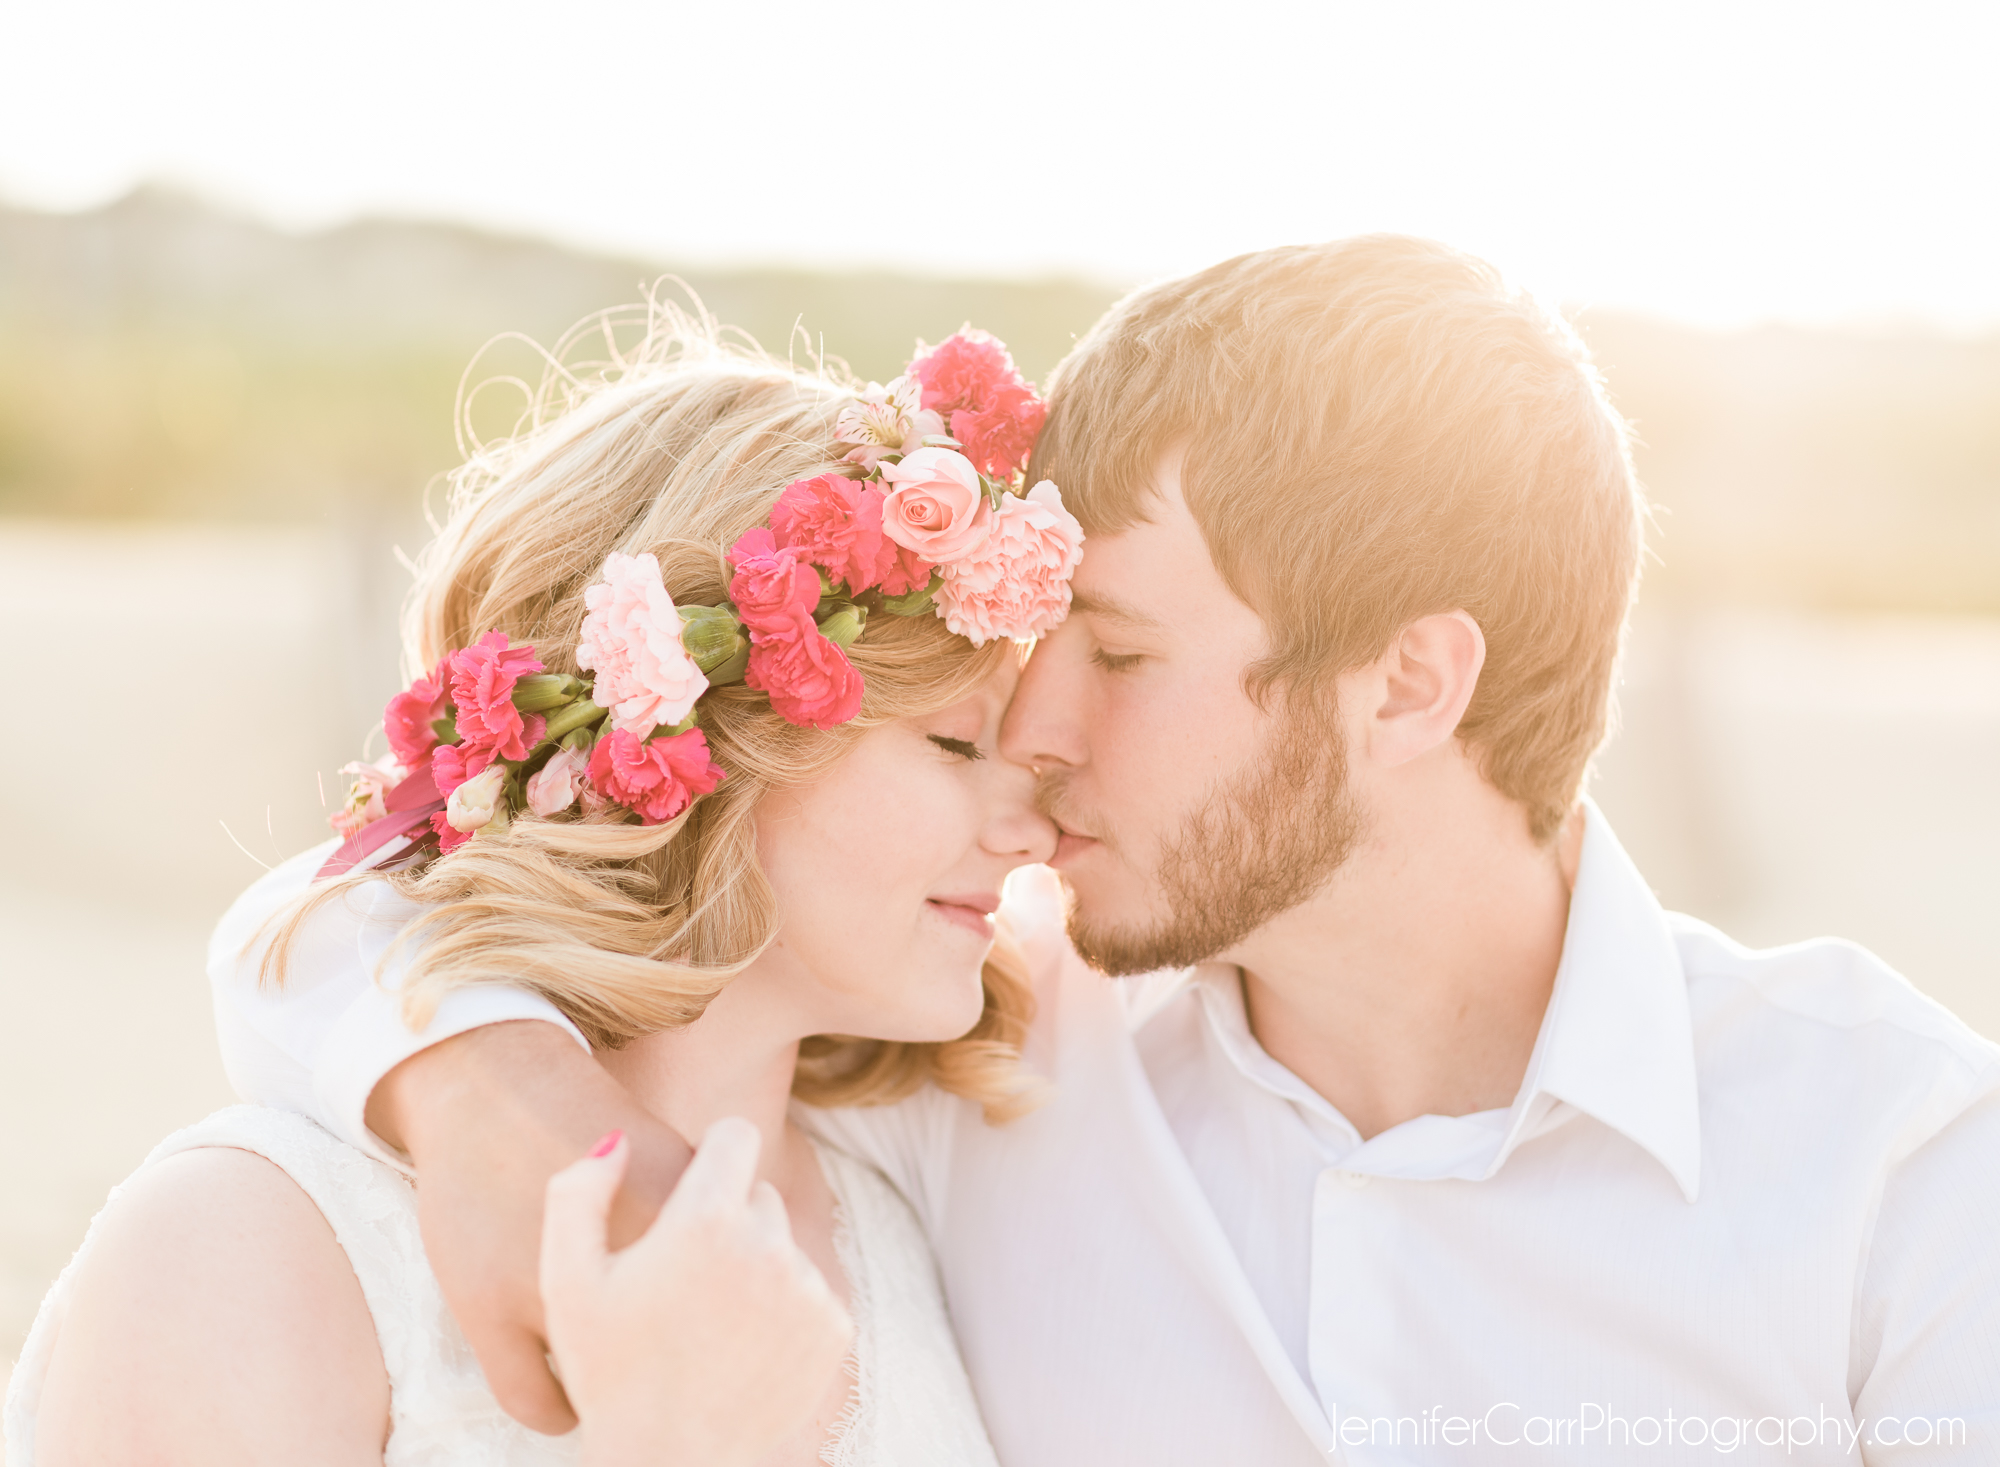 弗吉尼亚海滩私奔摄影师与情侣订婚©詹妮弗·卡尔摄影